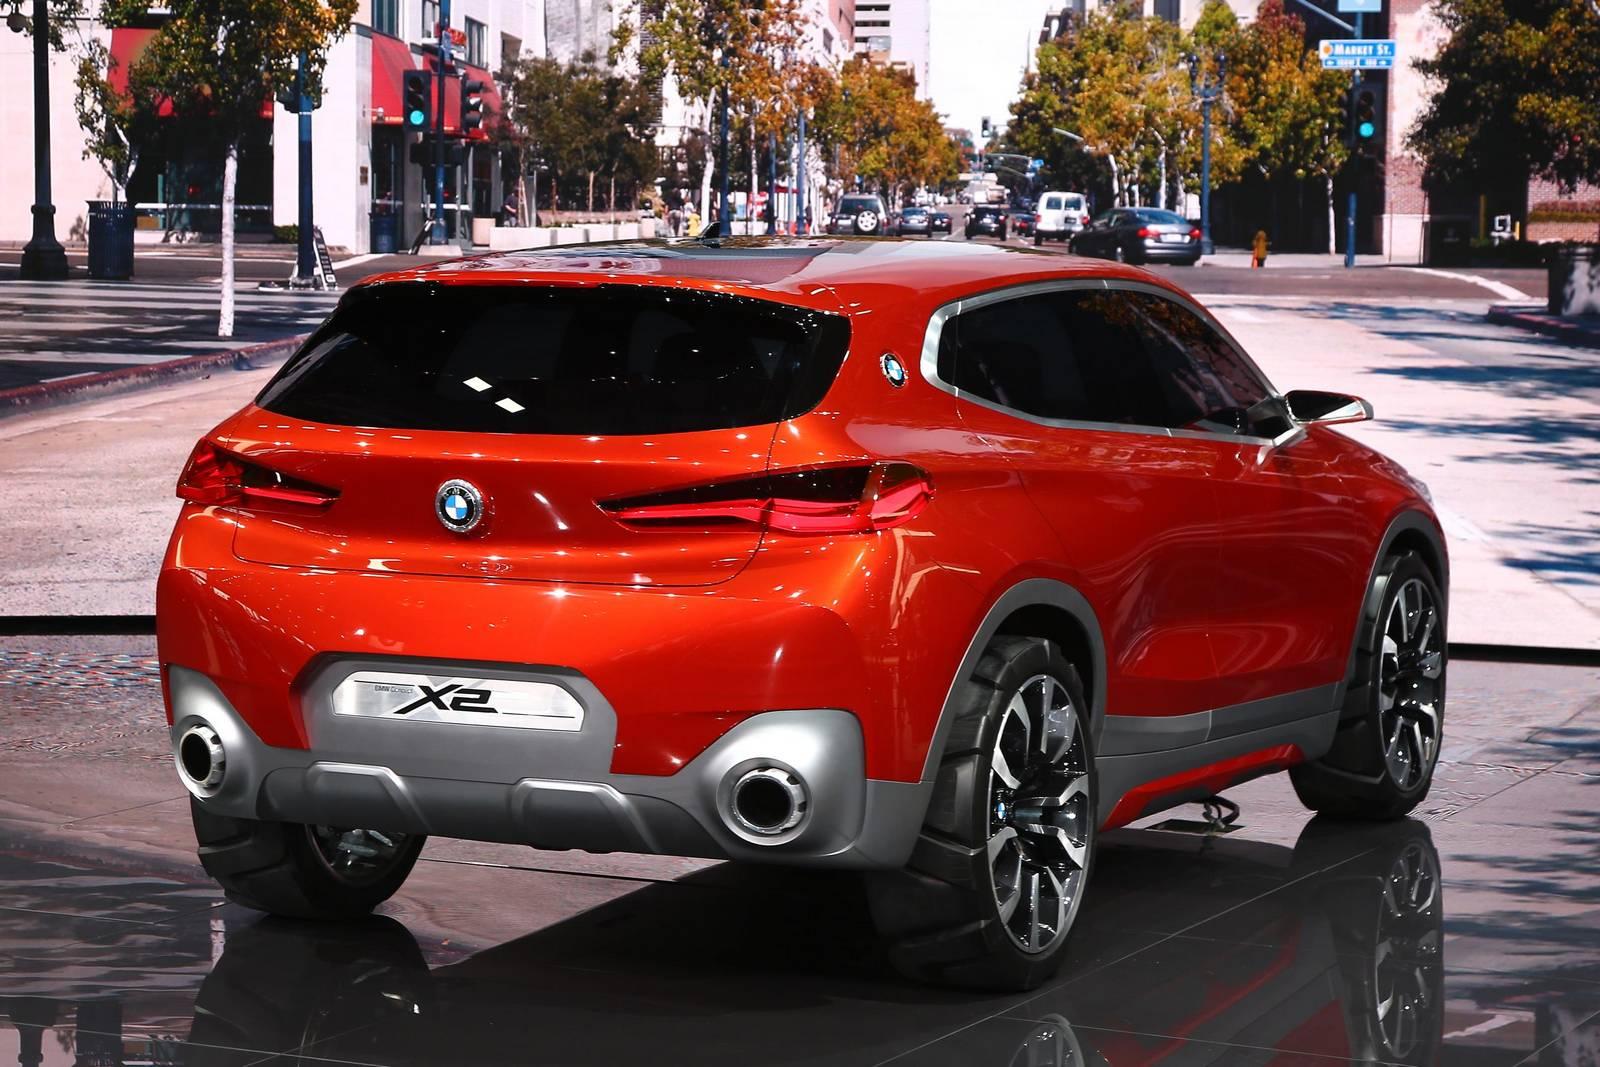 Paris 2016: BMW X2 Concept - GTspirit